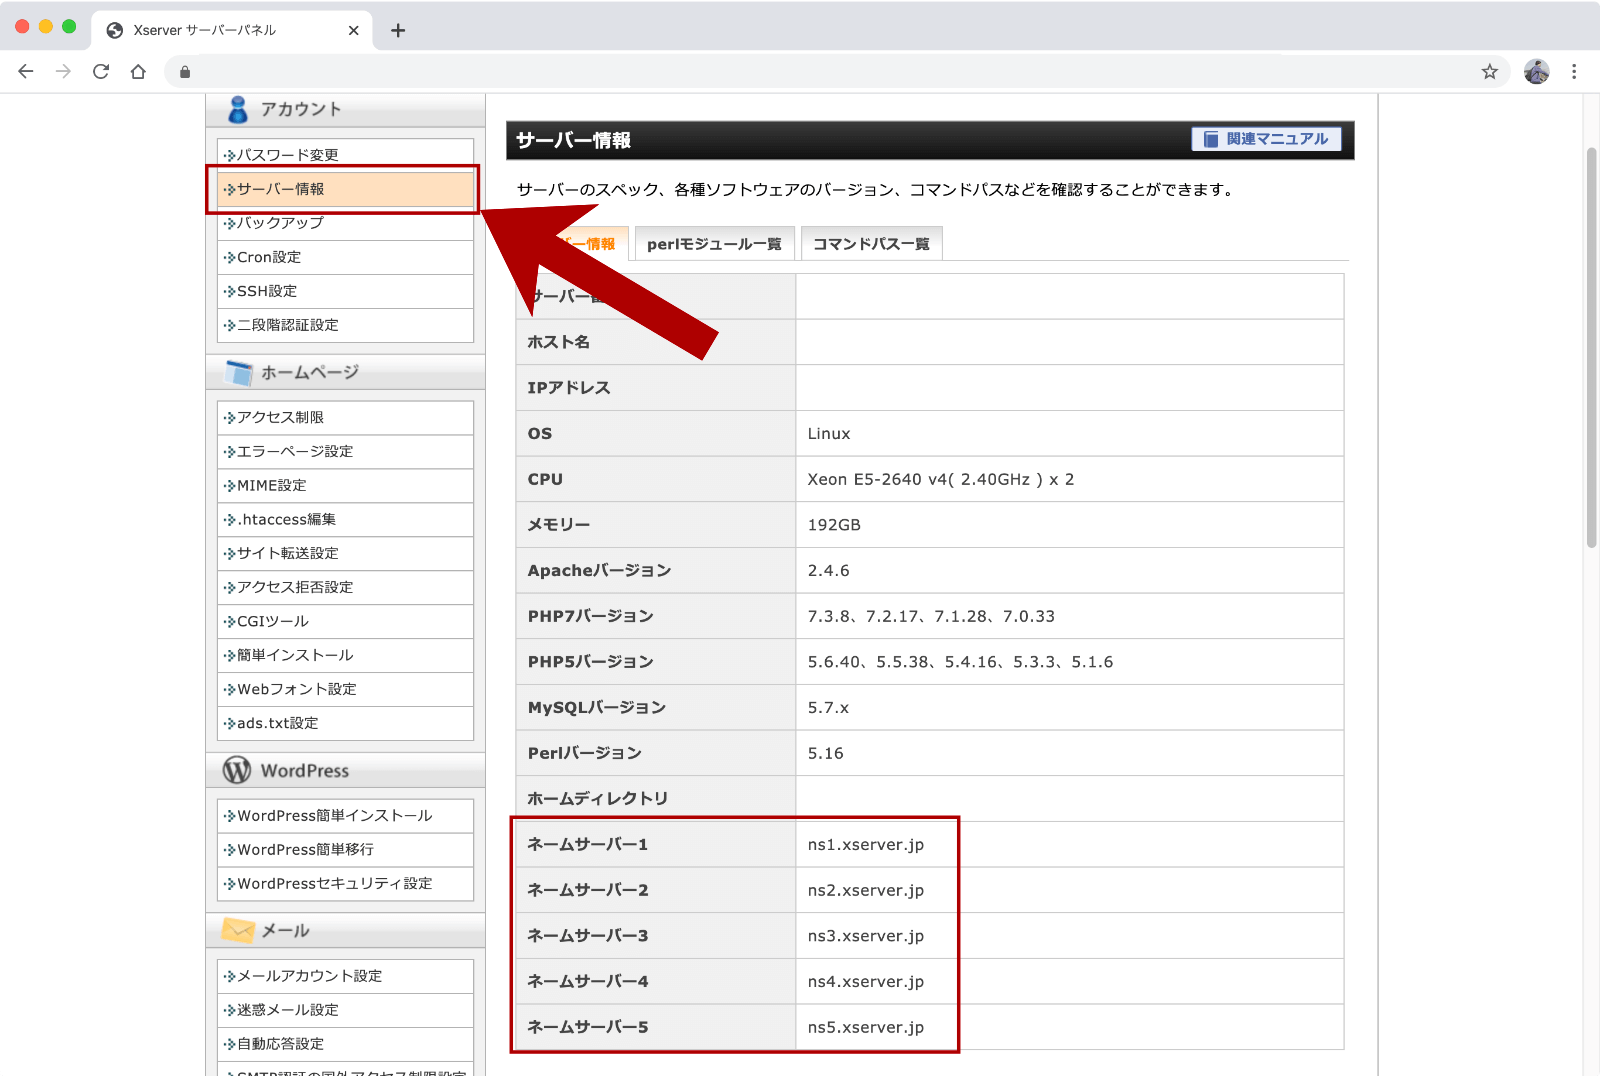 ネームサーバー設定を確認する